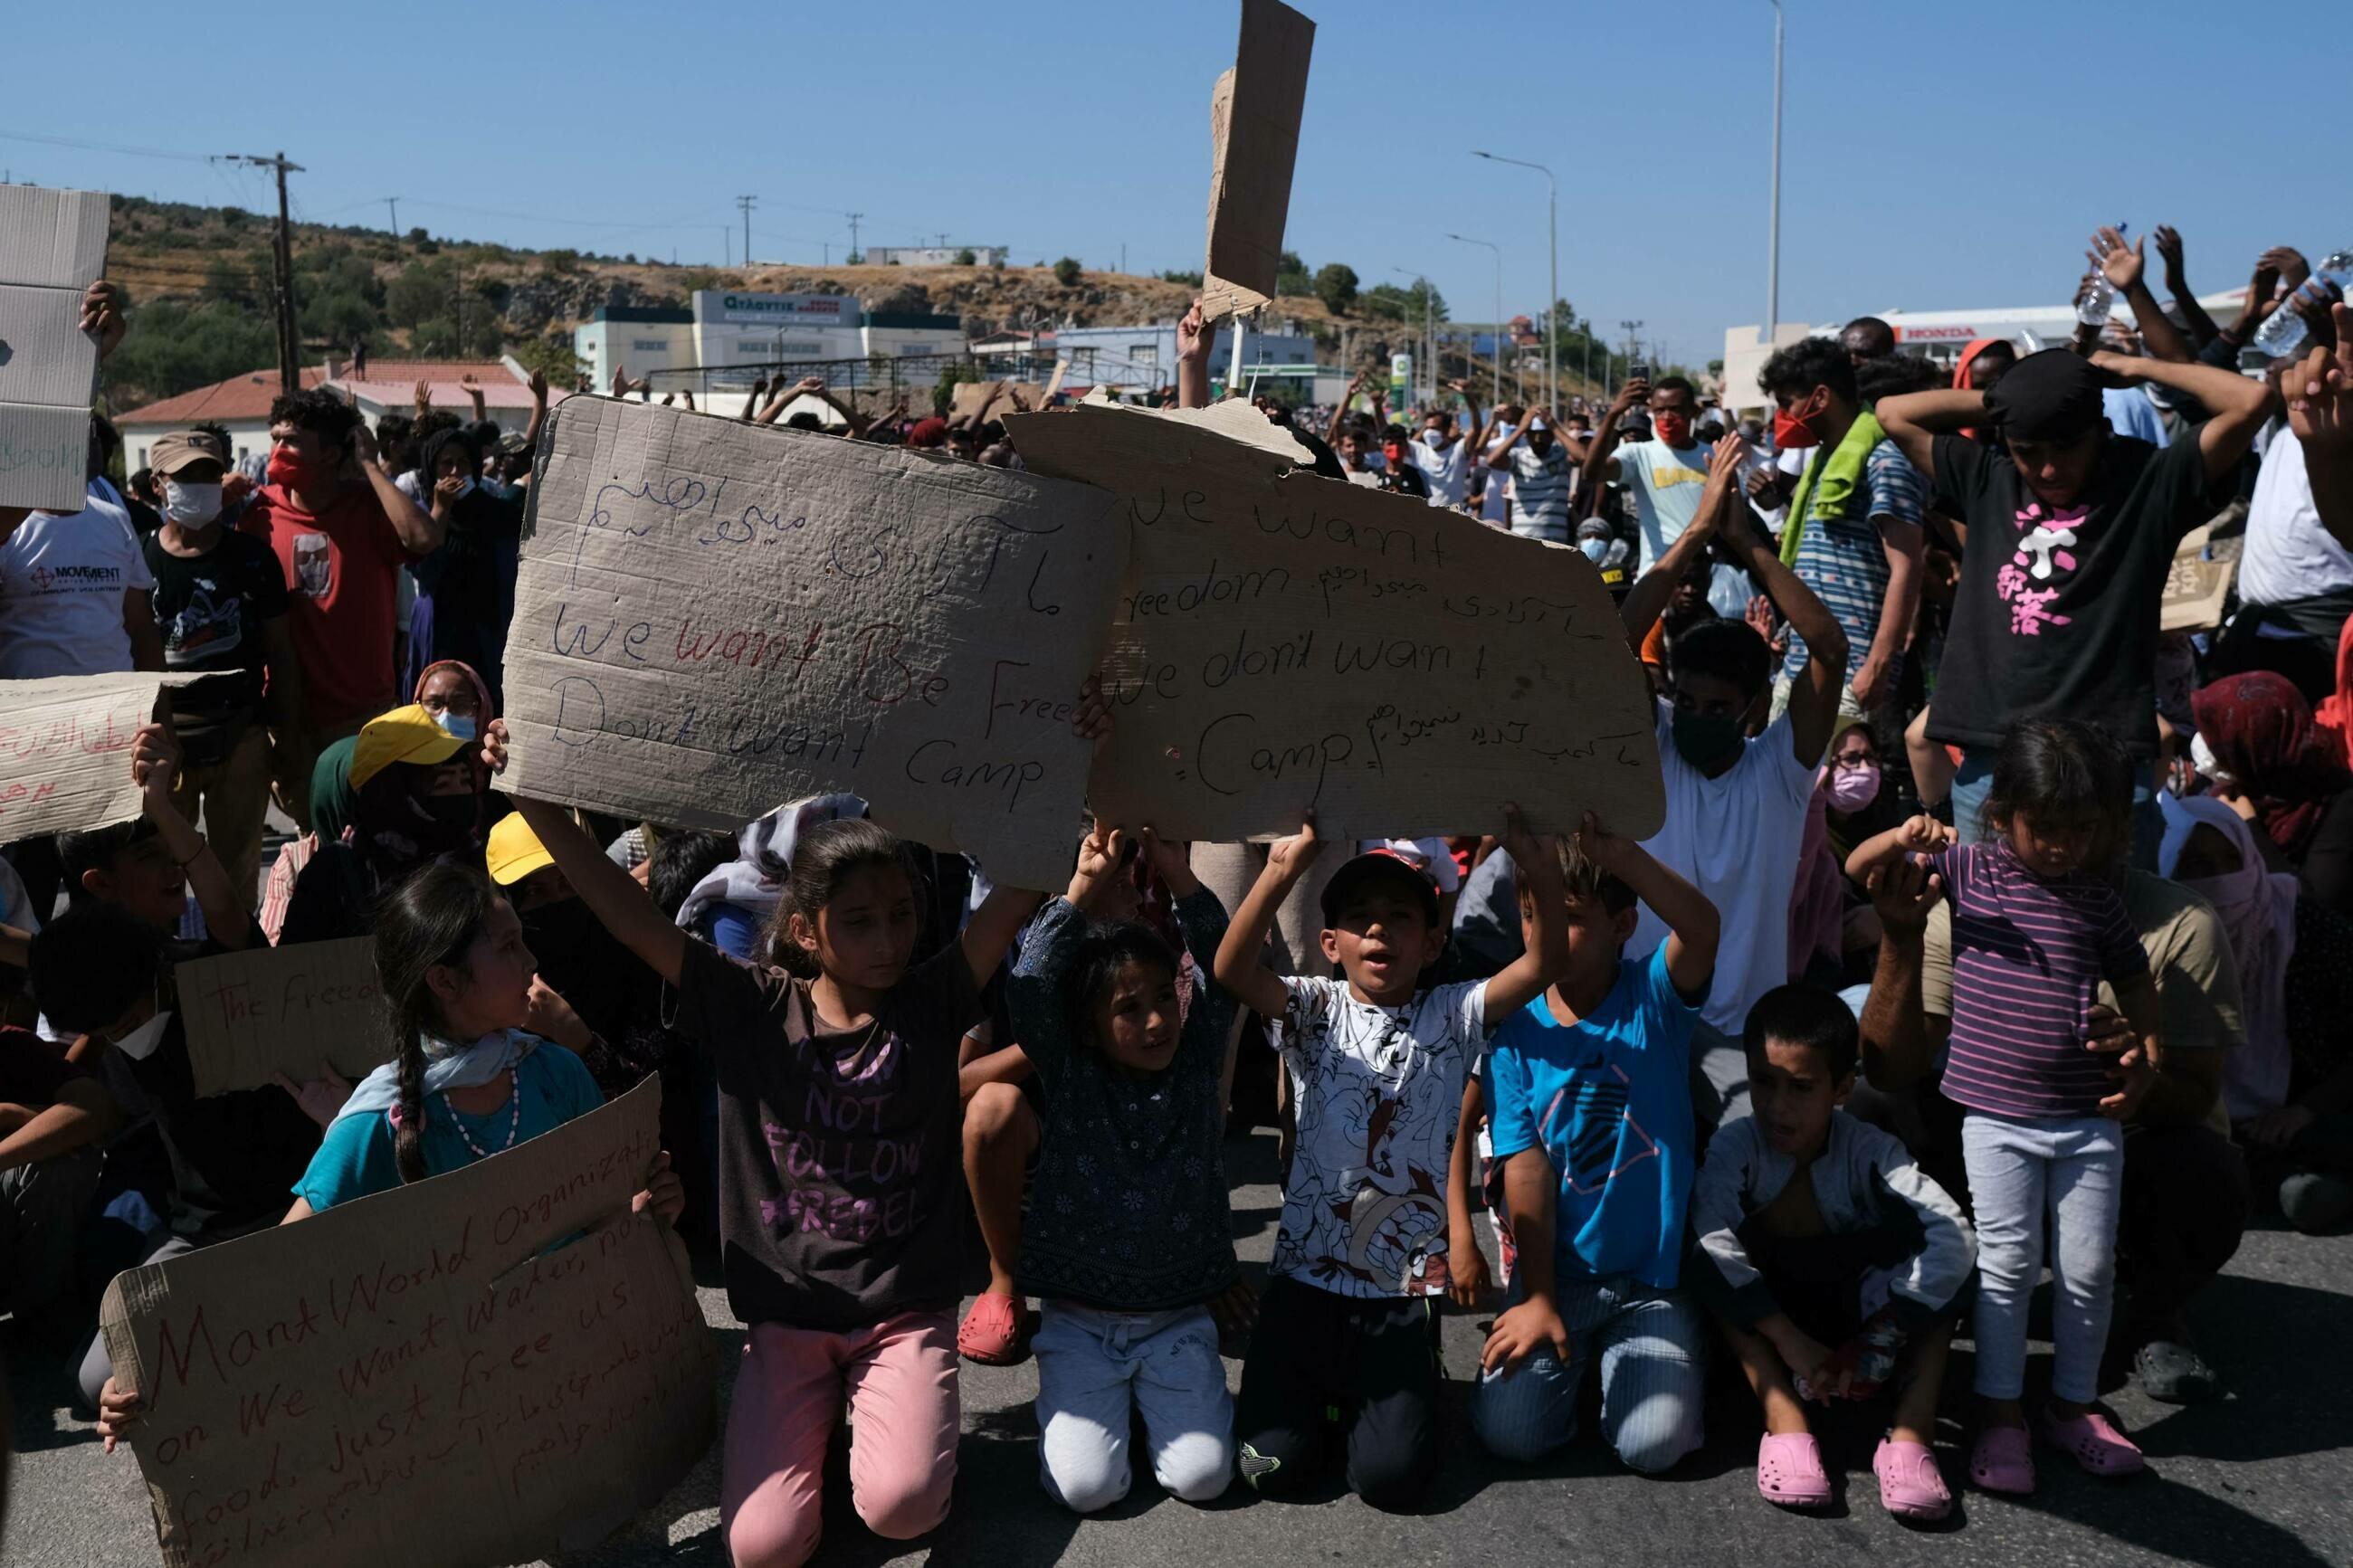 Uchodźcy, którzy w wyniku pożaru w obozie Moria na Lesbos stracili schronienie, protestują przeciwko nieludzkiemu traktowaniu